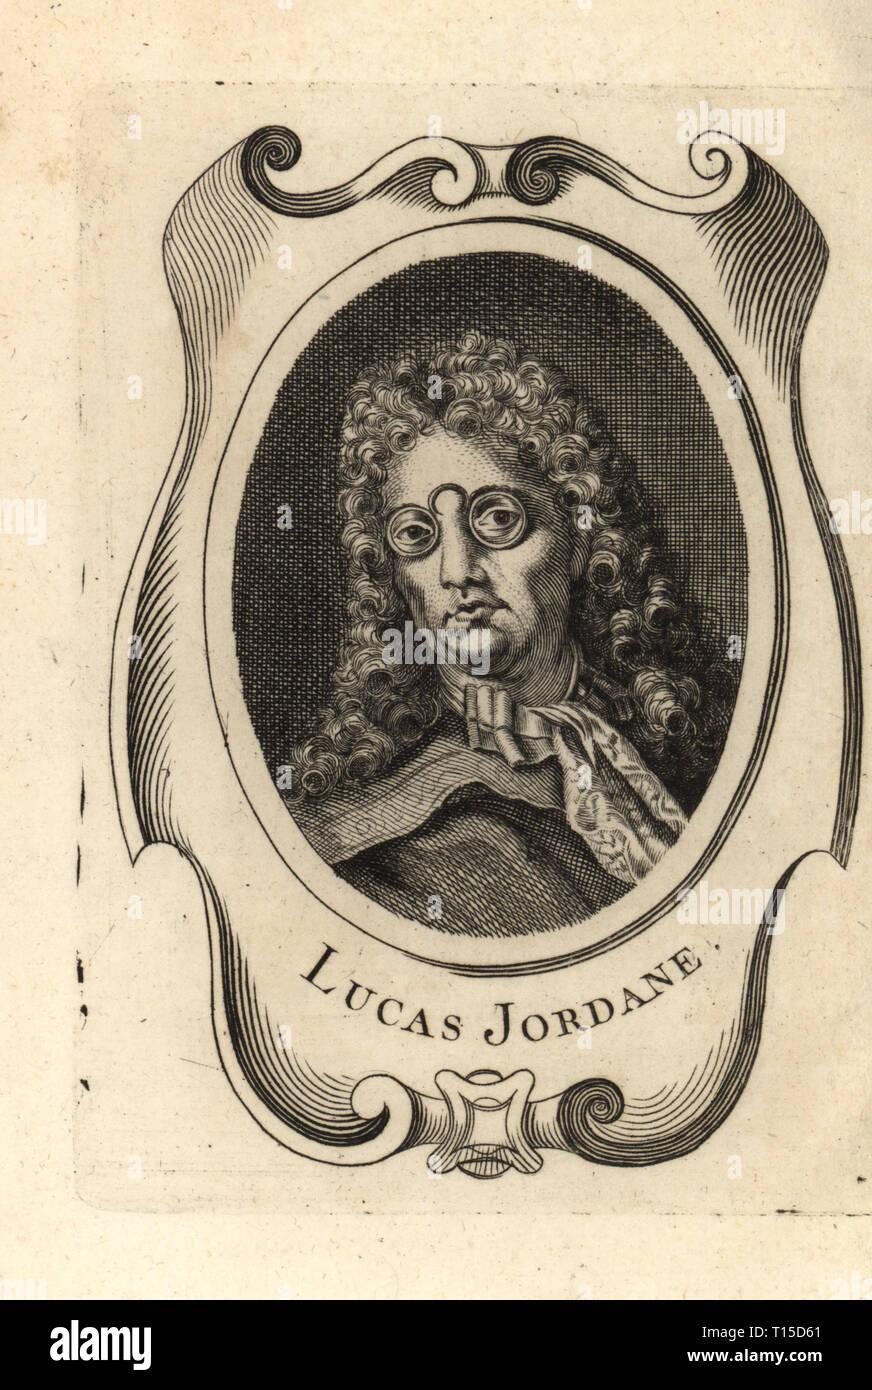 Portrait of Luca Giordano, Italian Baroque painter and printmaker 1634-1705. Lucas Jordane. Copperplate engraving after a self portrait by Luca Giordano from Antoine-Joseph Dezallier d'Argenville's Abrege de la vie des plus fameux peintres, Lives of the most Famous Artists, de Bure l'Aine, Paris, 1762. - Stock Image